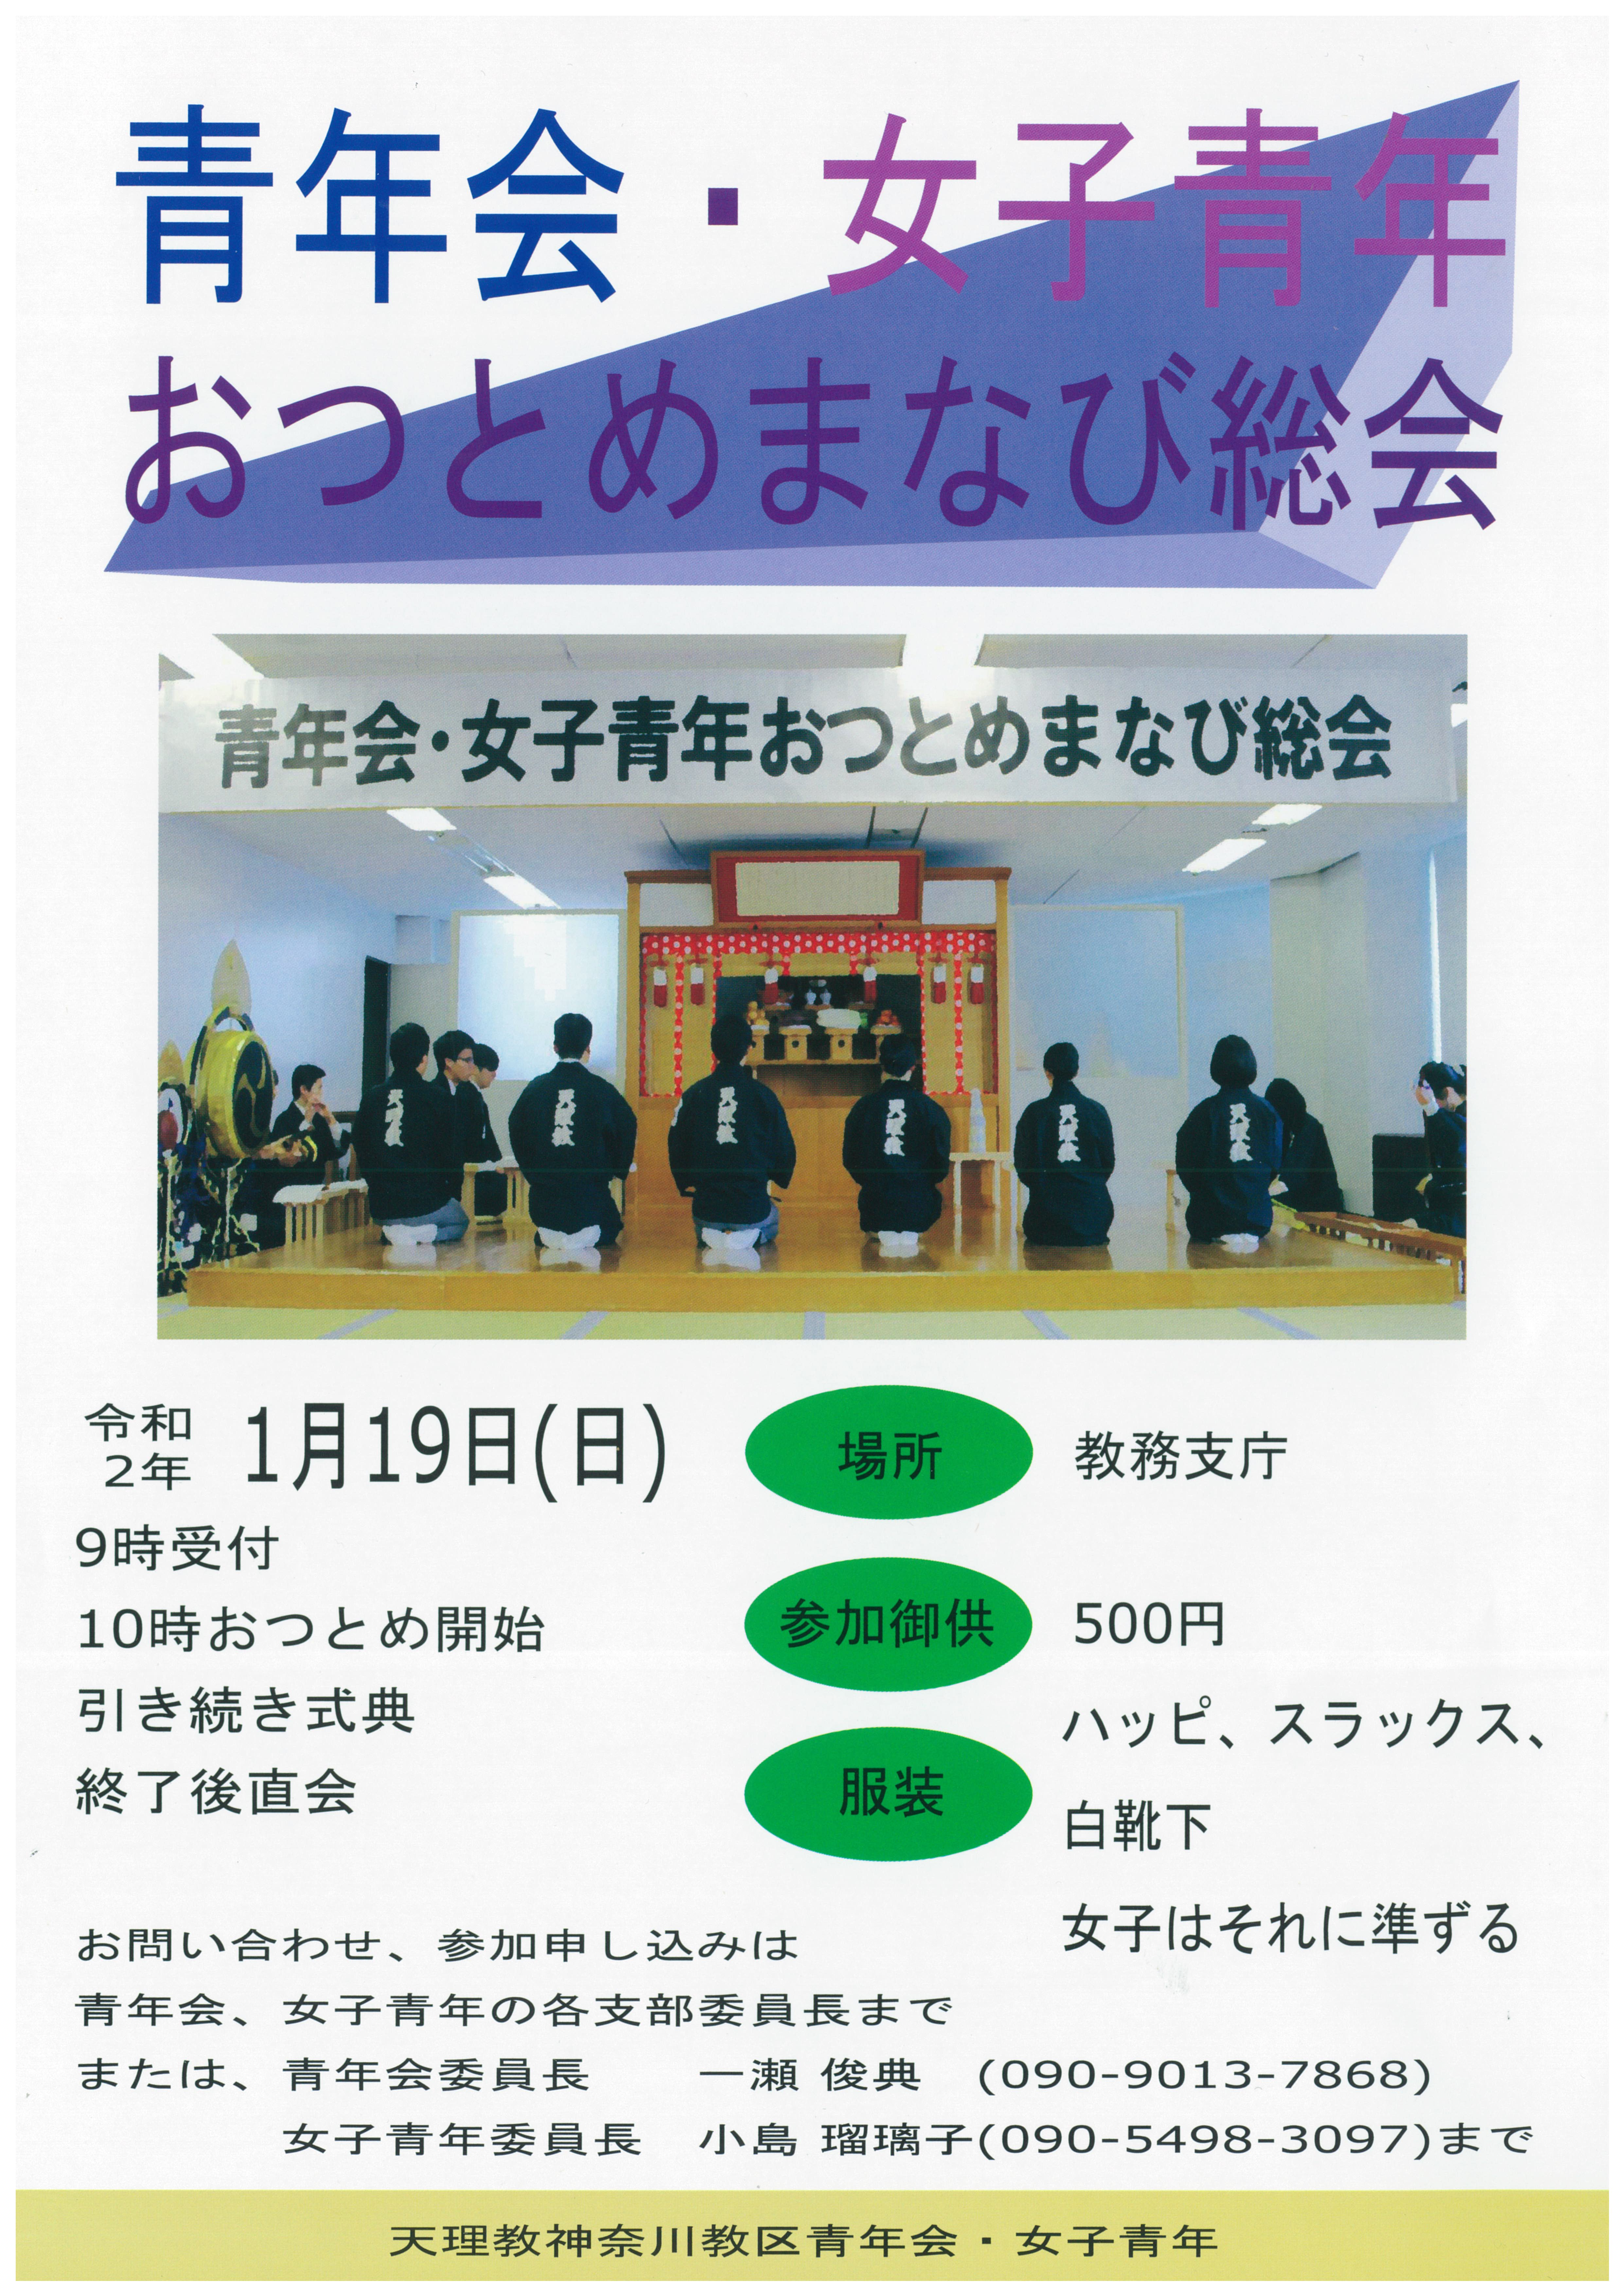 2020/1/19 青年会・女子青年おつとめまなび総会イメージ